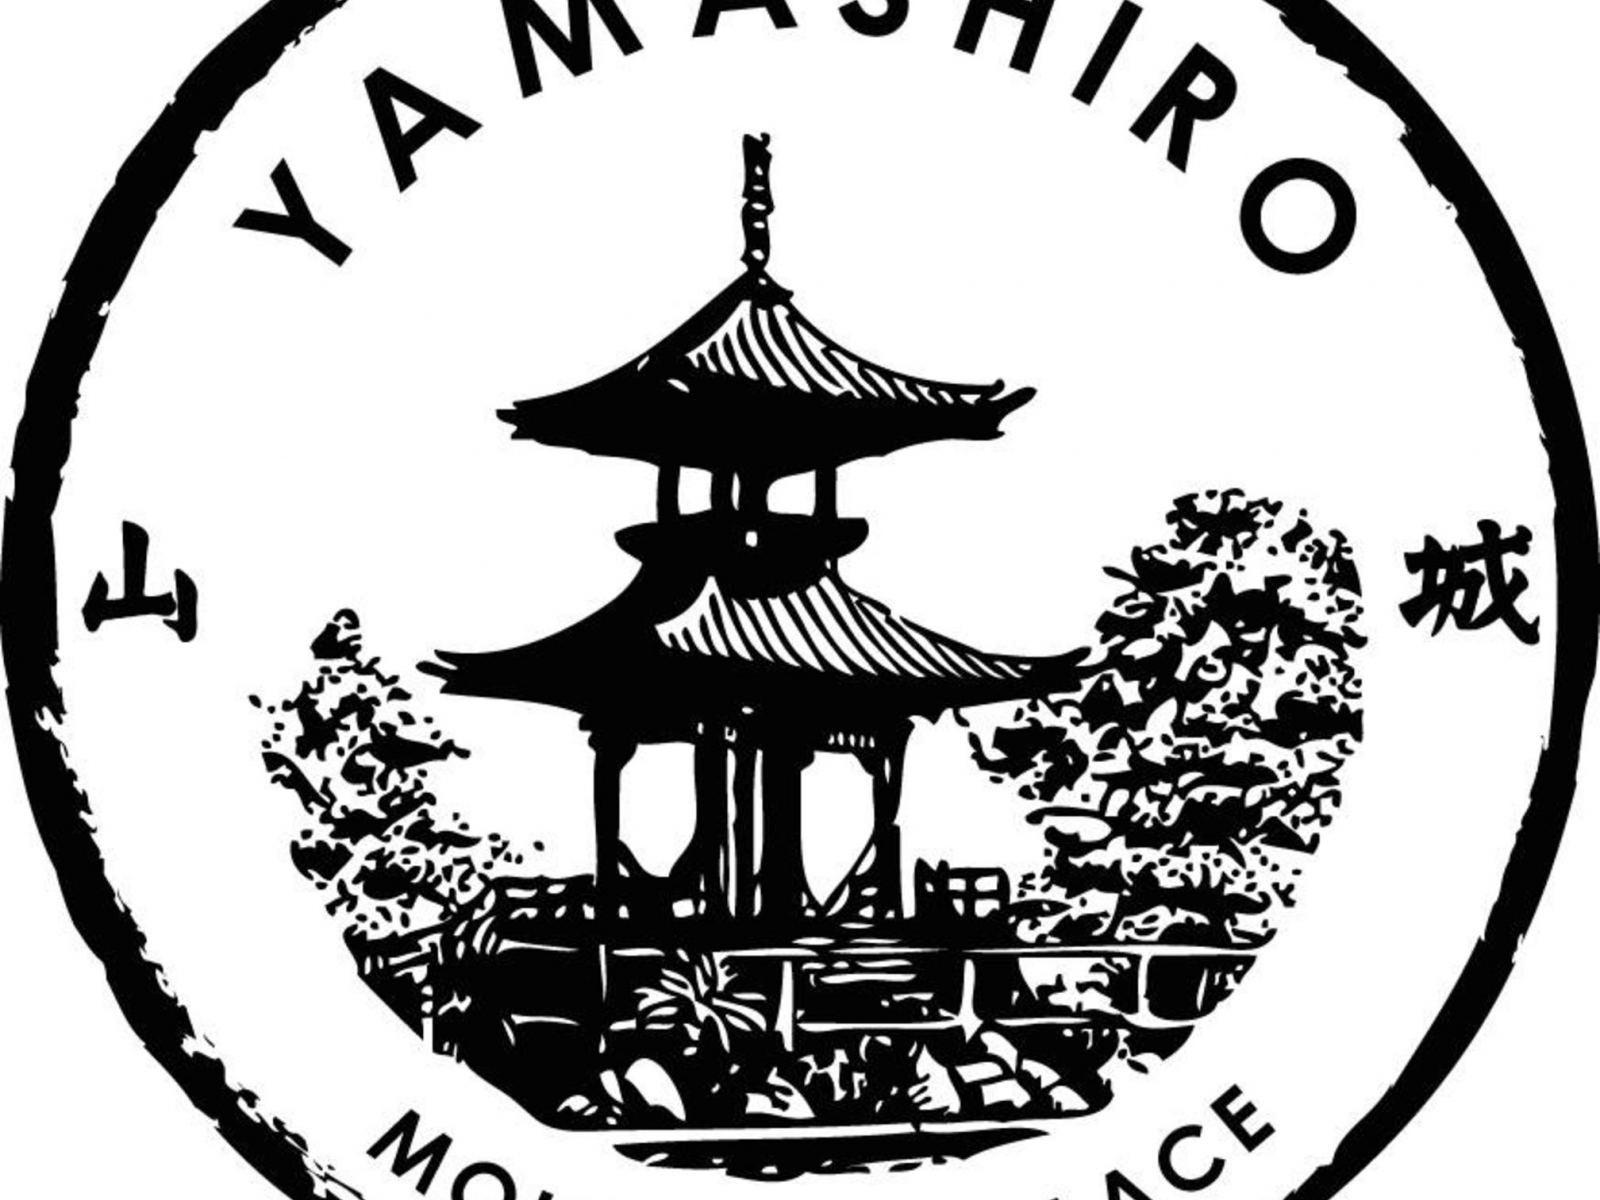 Yamashiro Hollywood